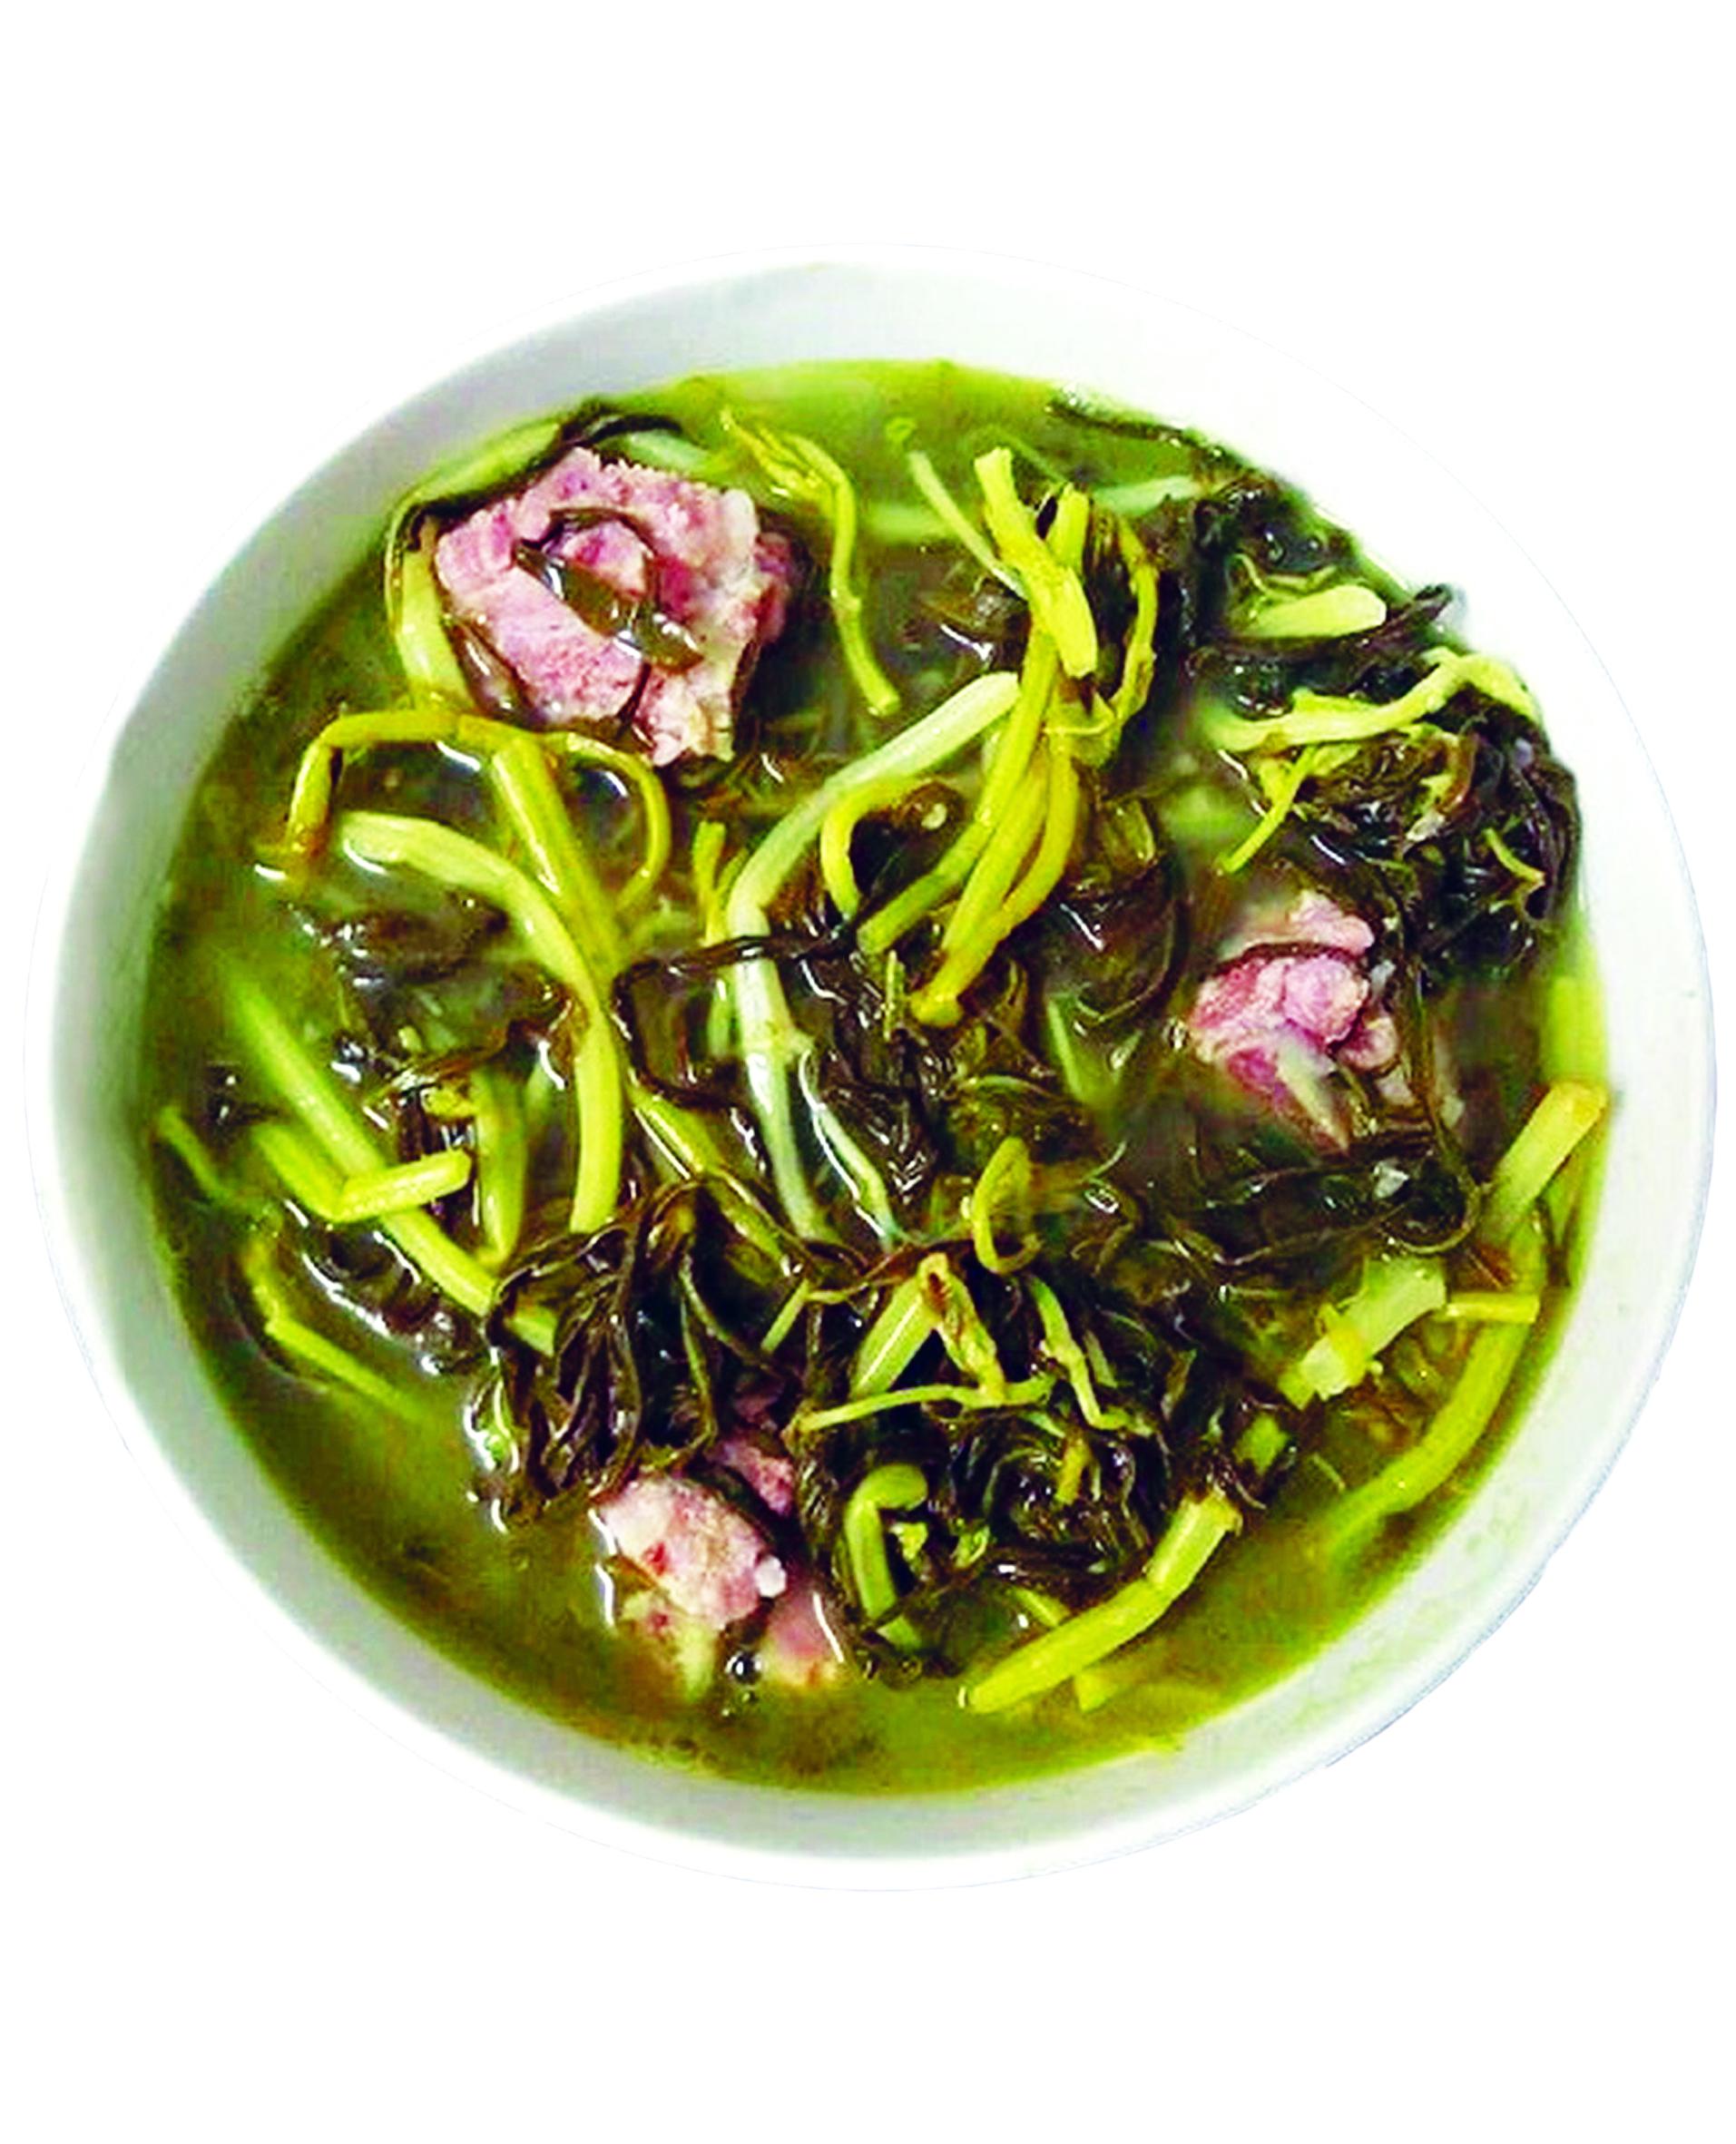 Canh rau sắn - đặc sản Phú Thọ